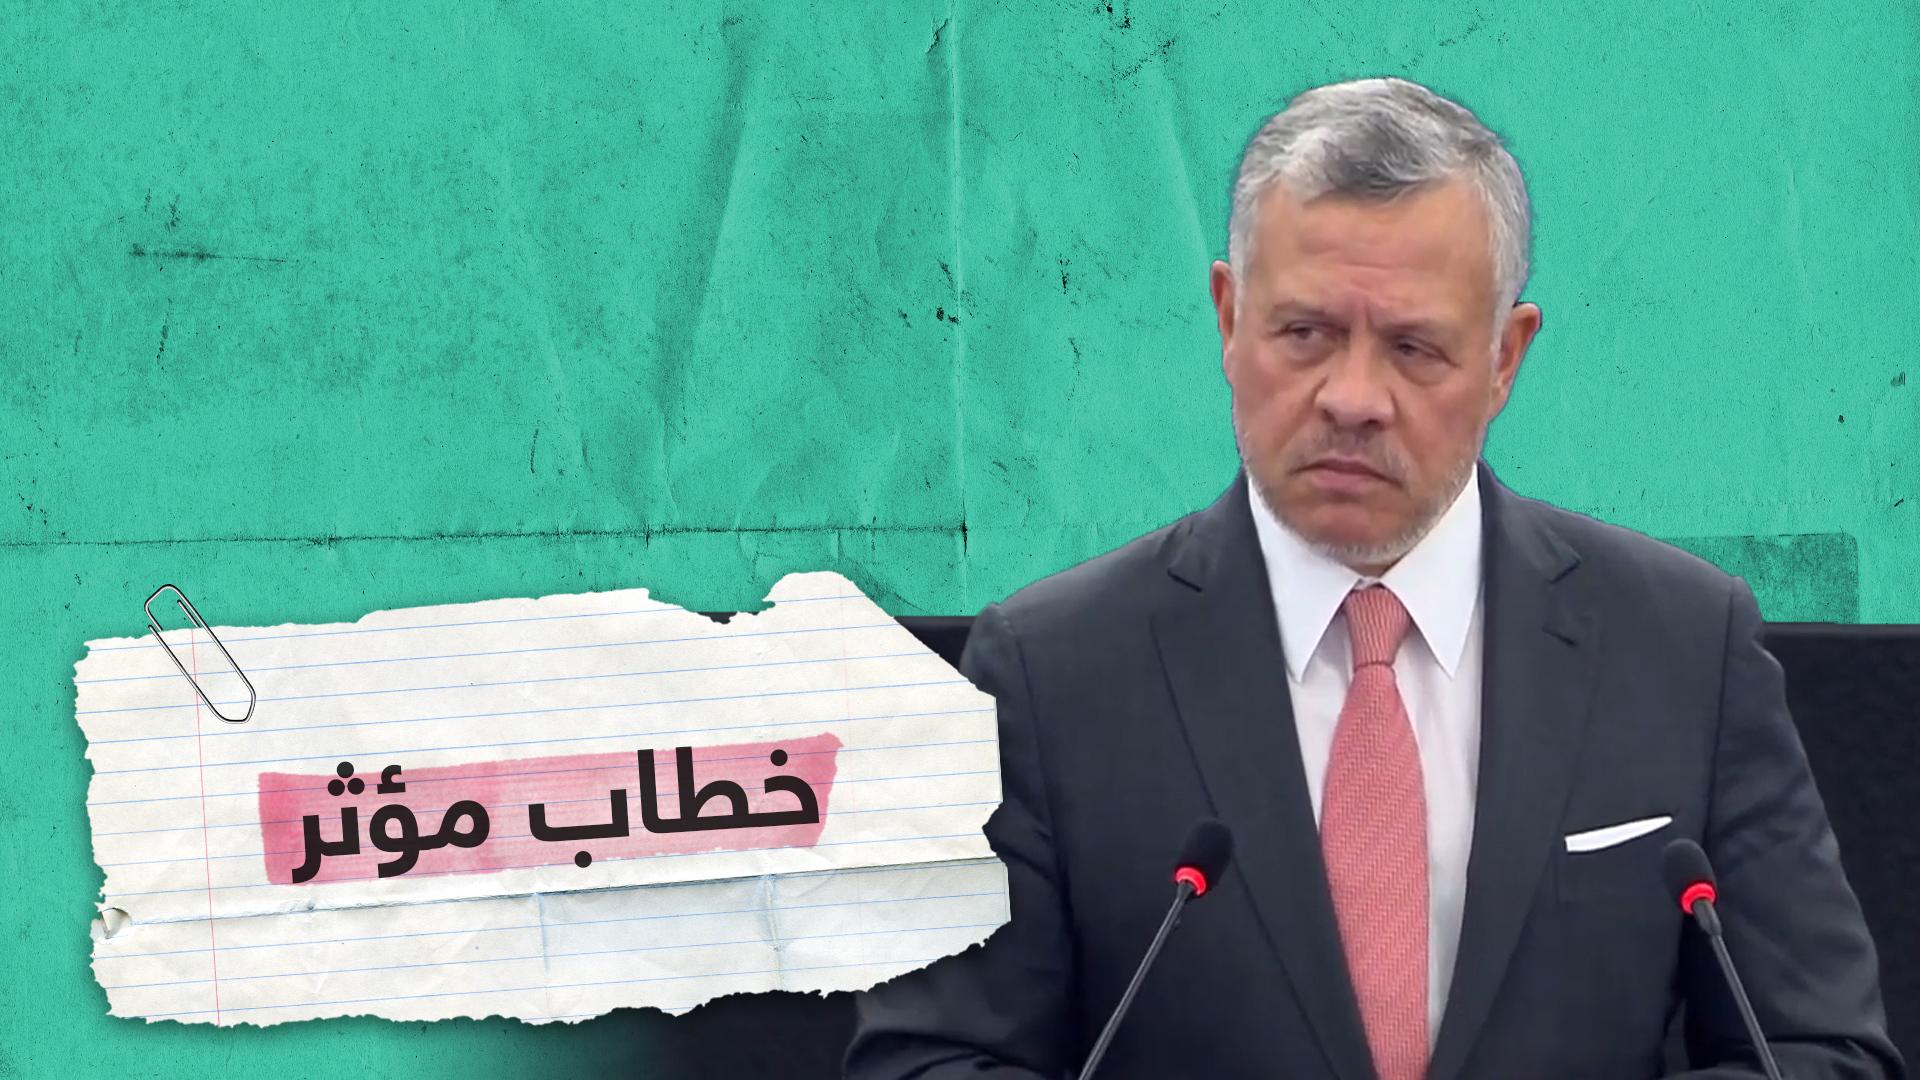 كلمة مؤثرة للعاهل الأردني أمام البرلمان الأوروبي